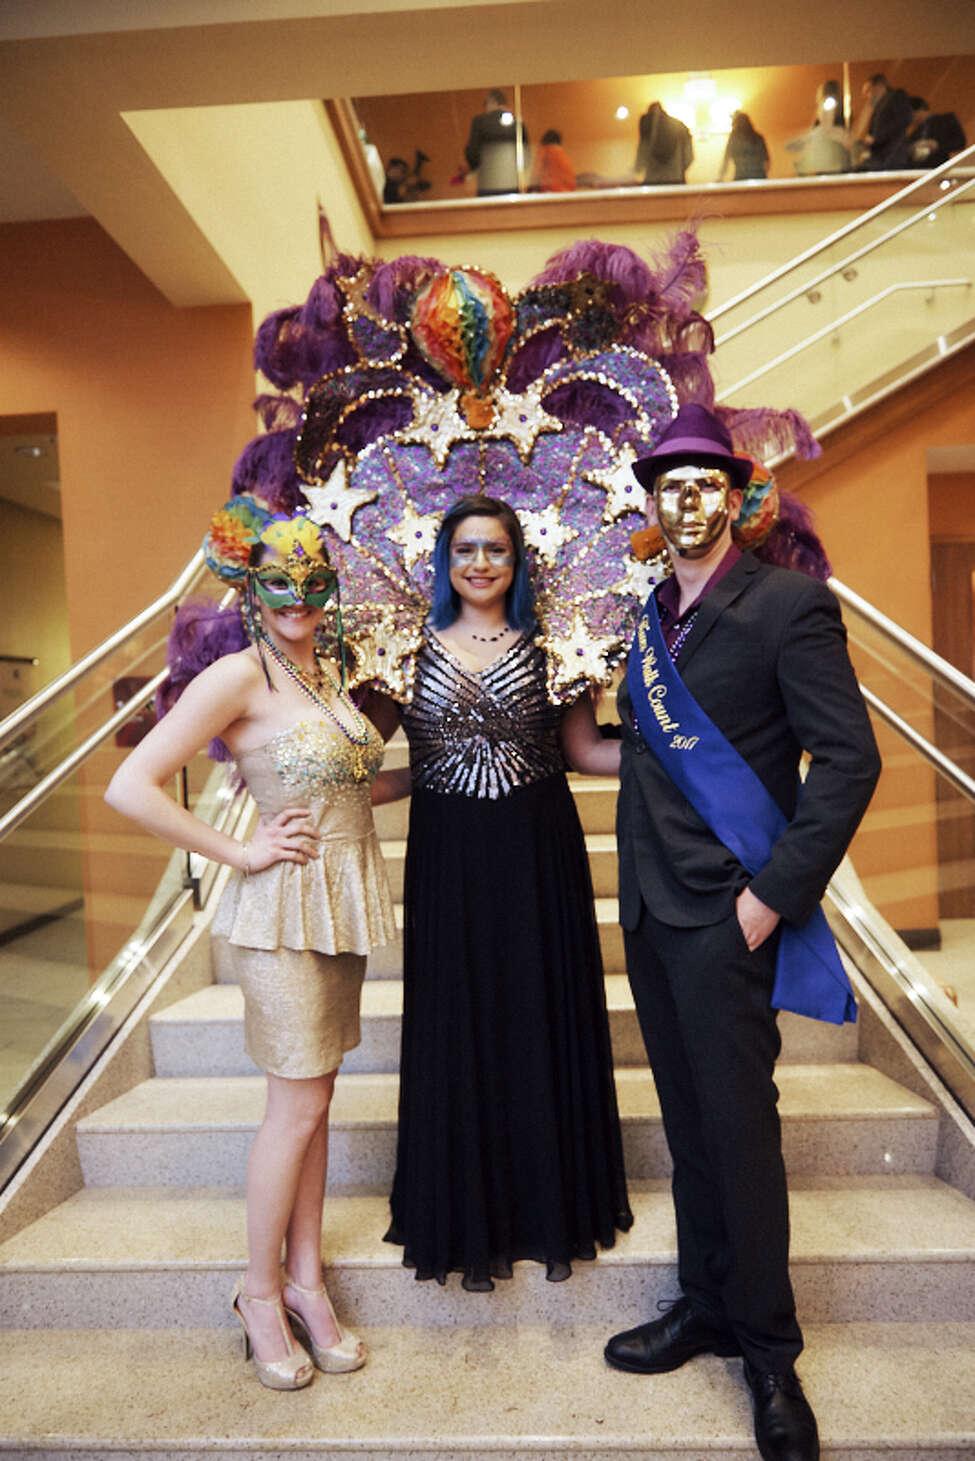 March 1: Royal Masquerade Gala Hyatt Regency, 7 to 10:30 p.m.